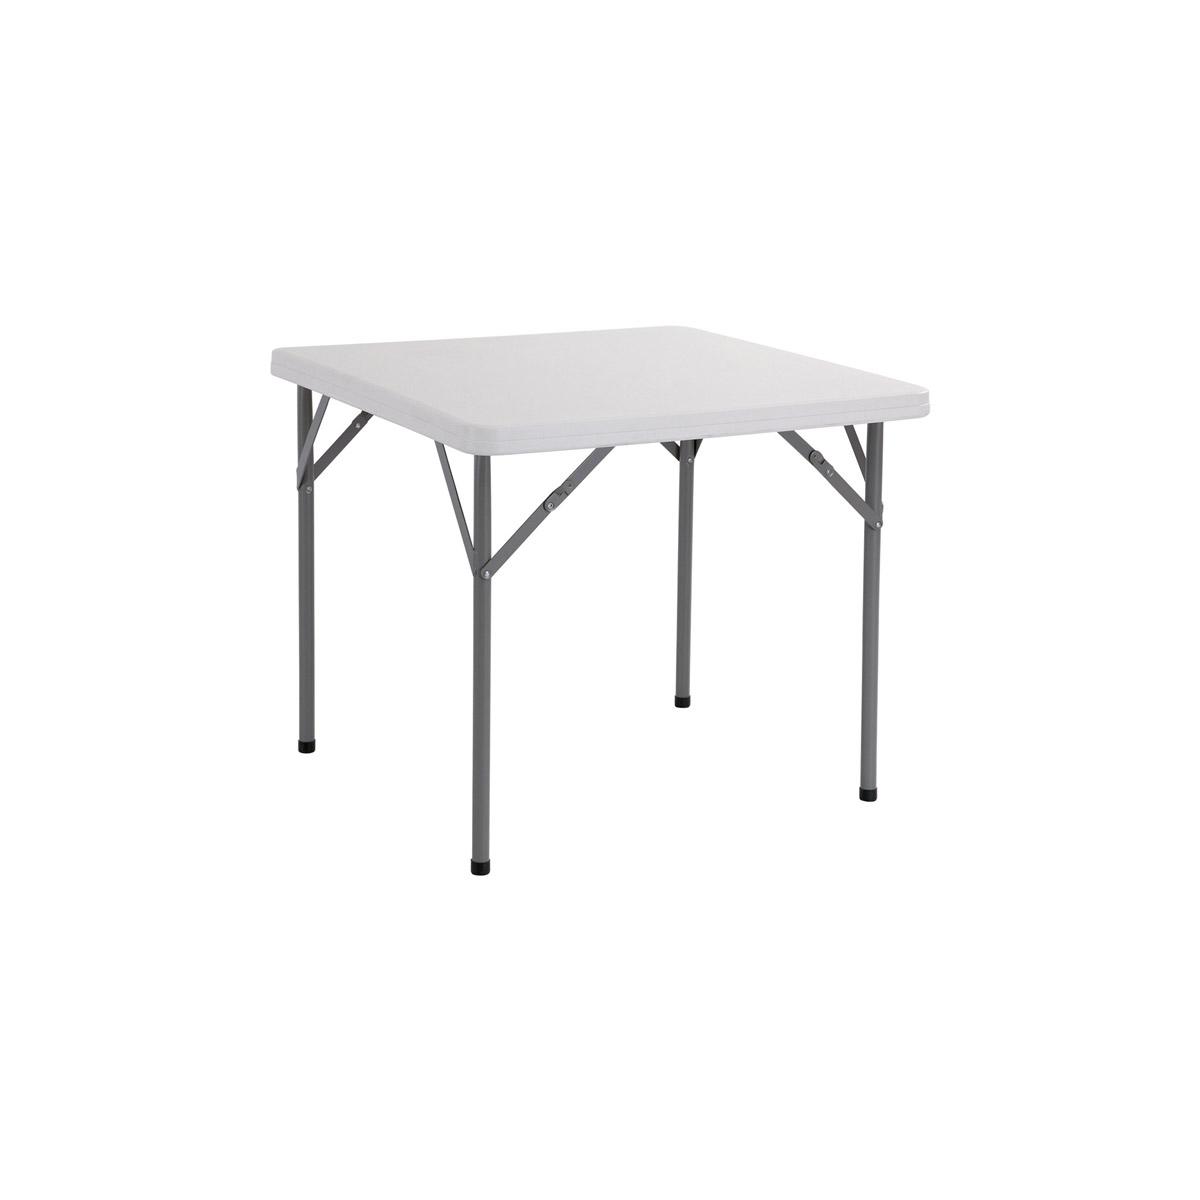 Tavoli Con Gambe Richiudibili.Tavolo Rettangolare Con Gambe Pieghevoli Mm 860 X 860 Serena Group